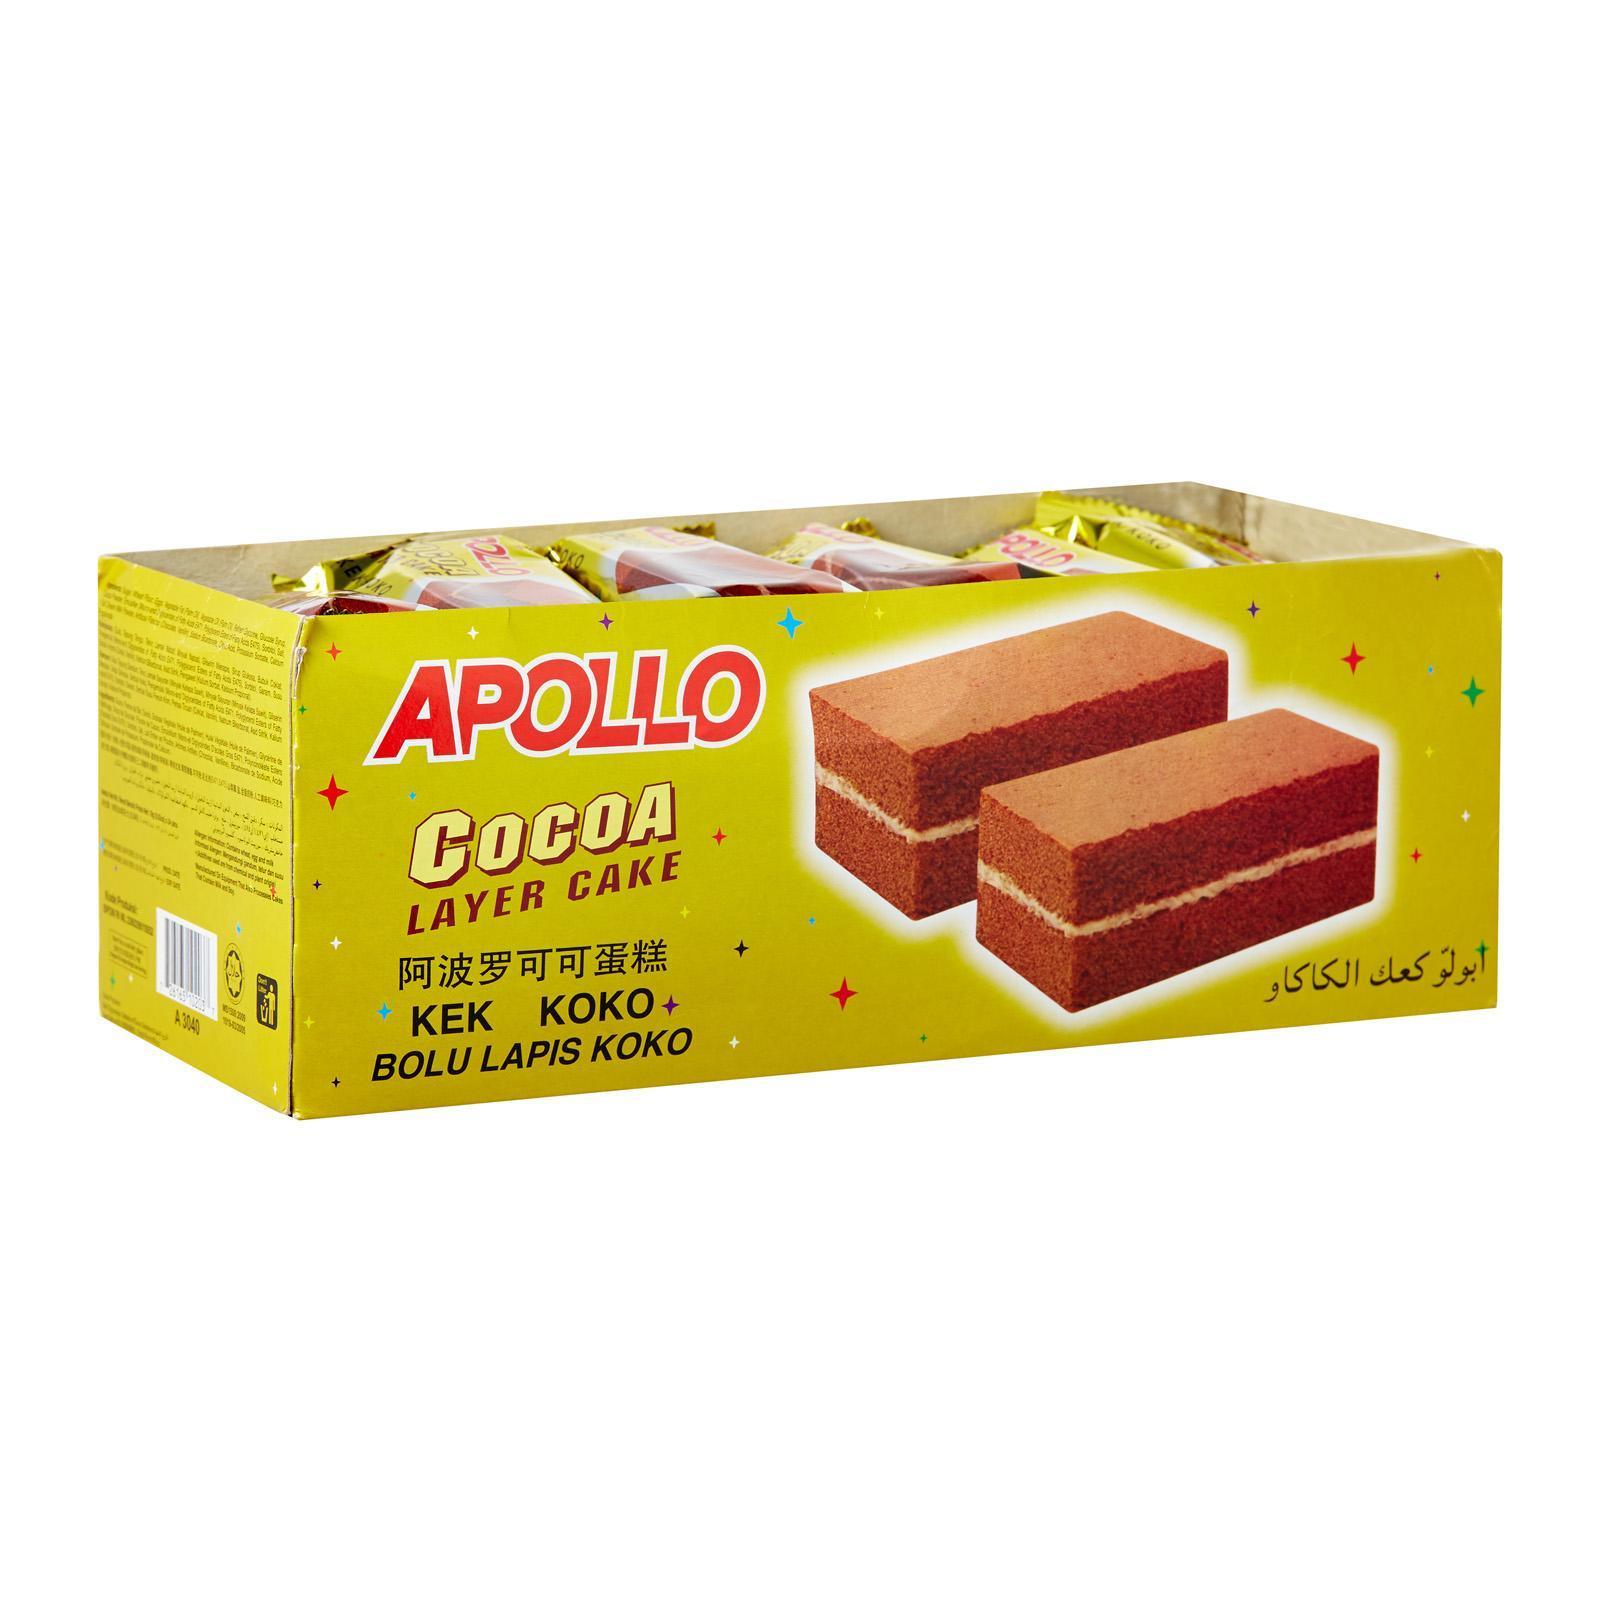 Apollo Layer Cake - Cocoa